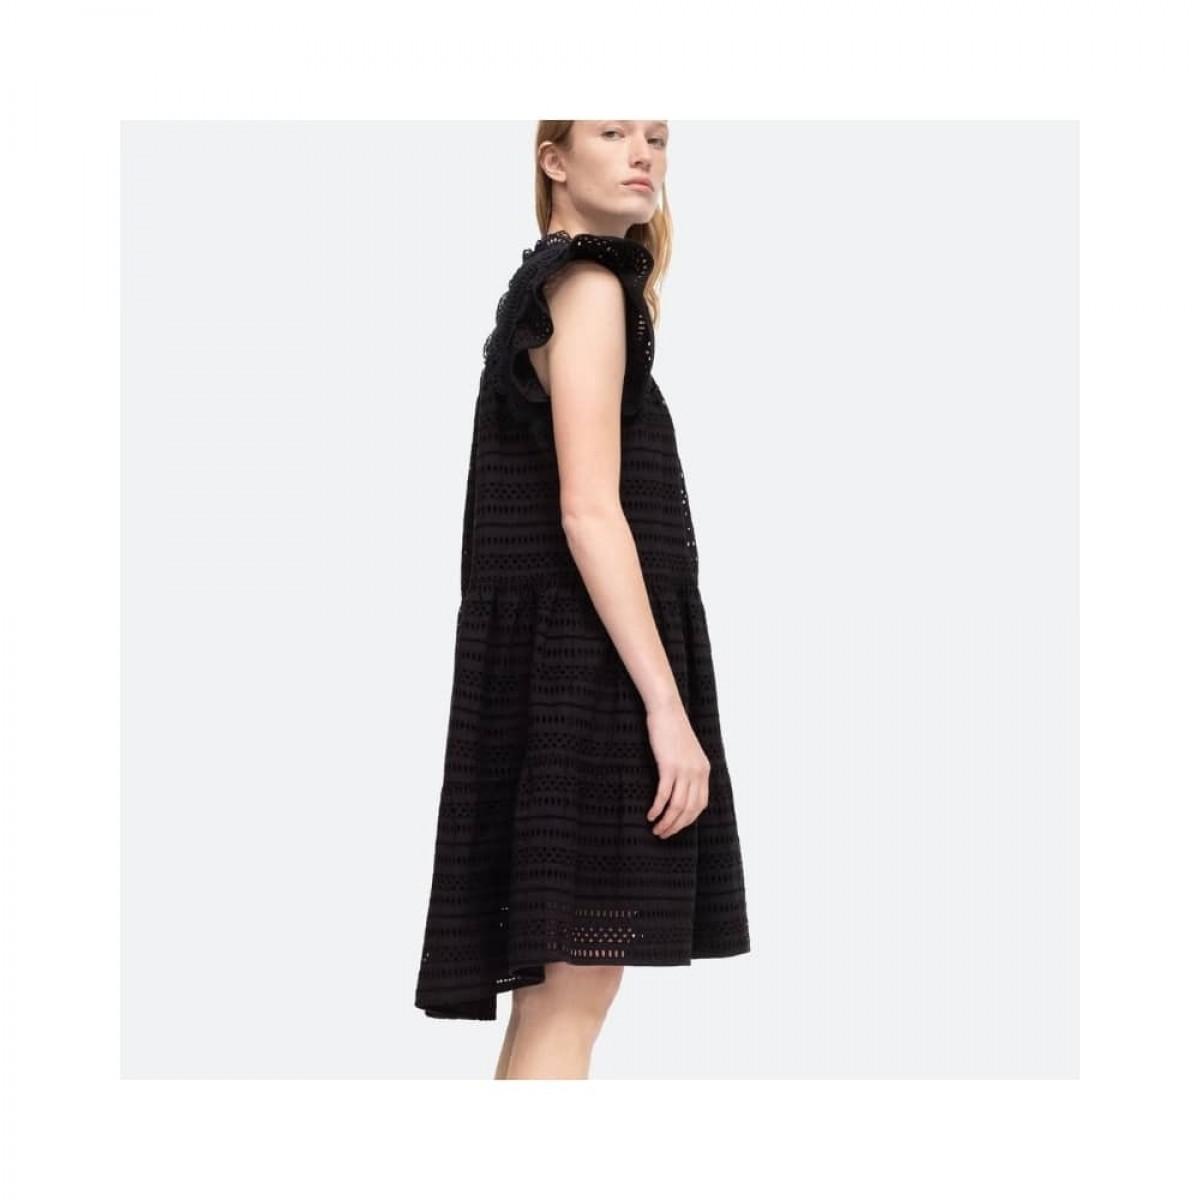 lina tunis kjole - black - model fra siden